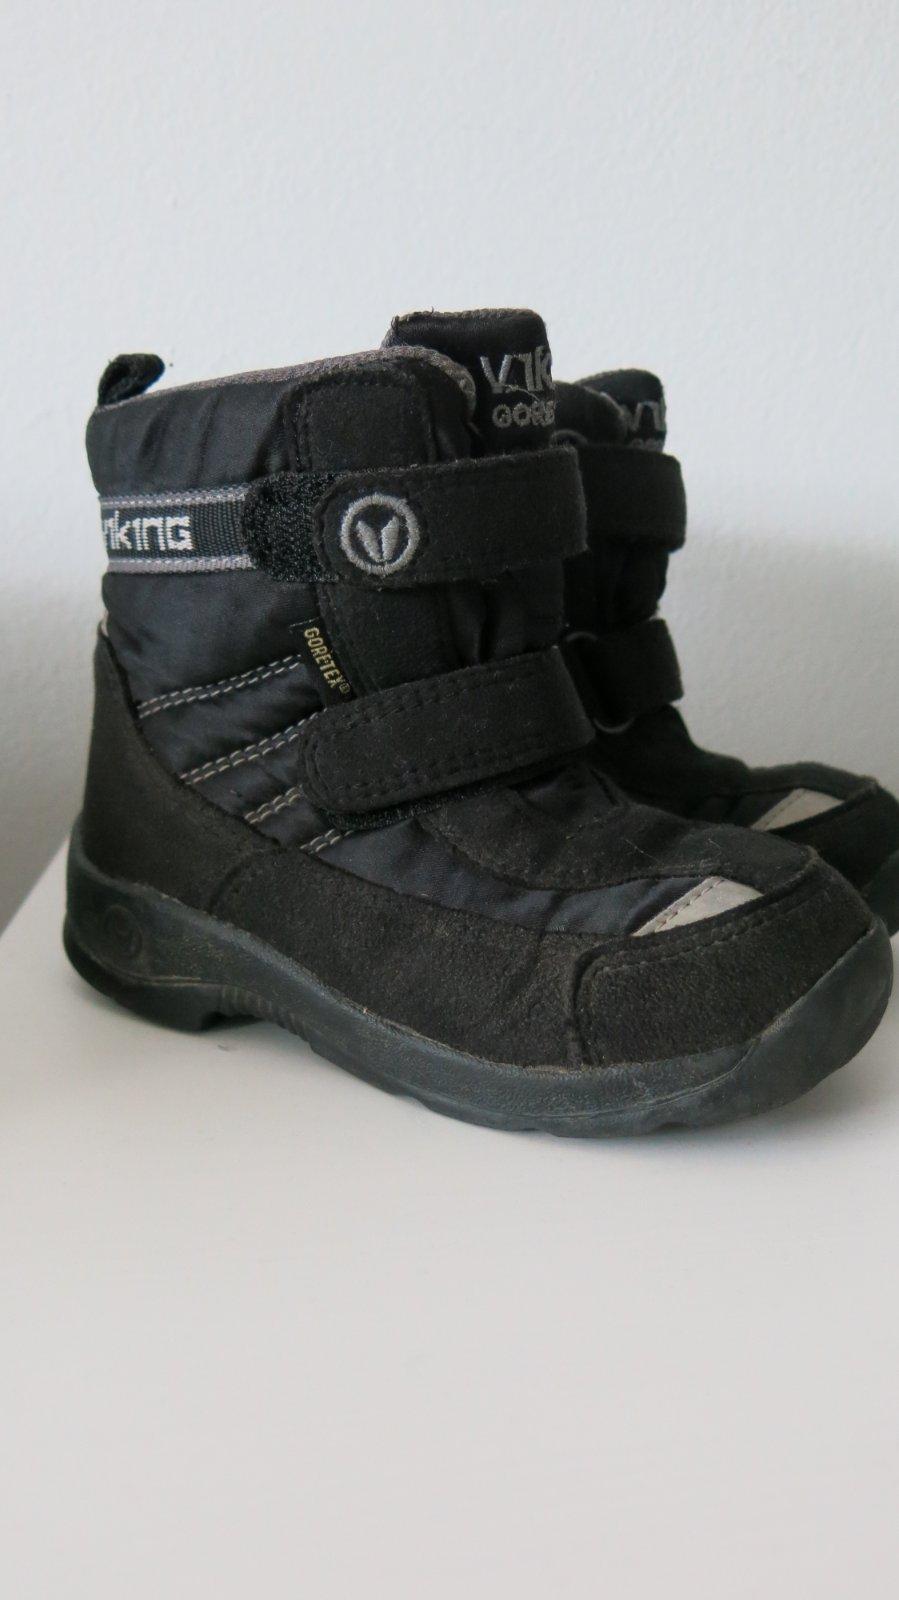 073660d9571 Zimní boty sněhule viking 24